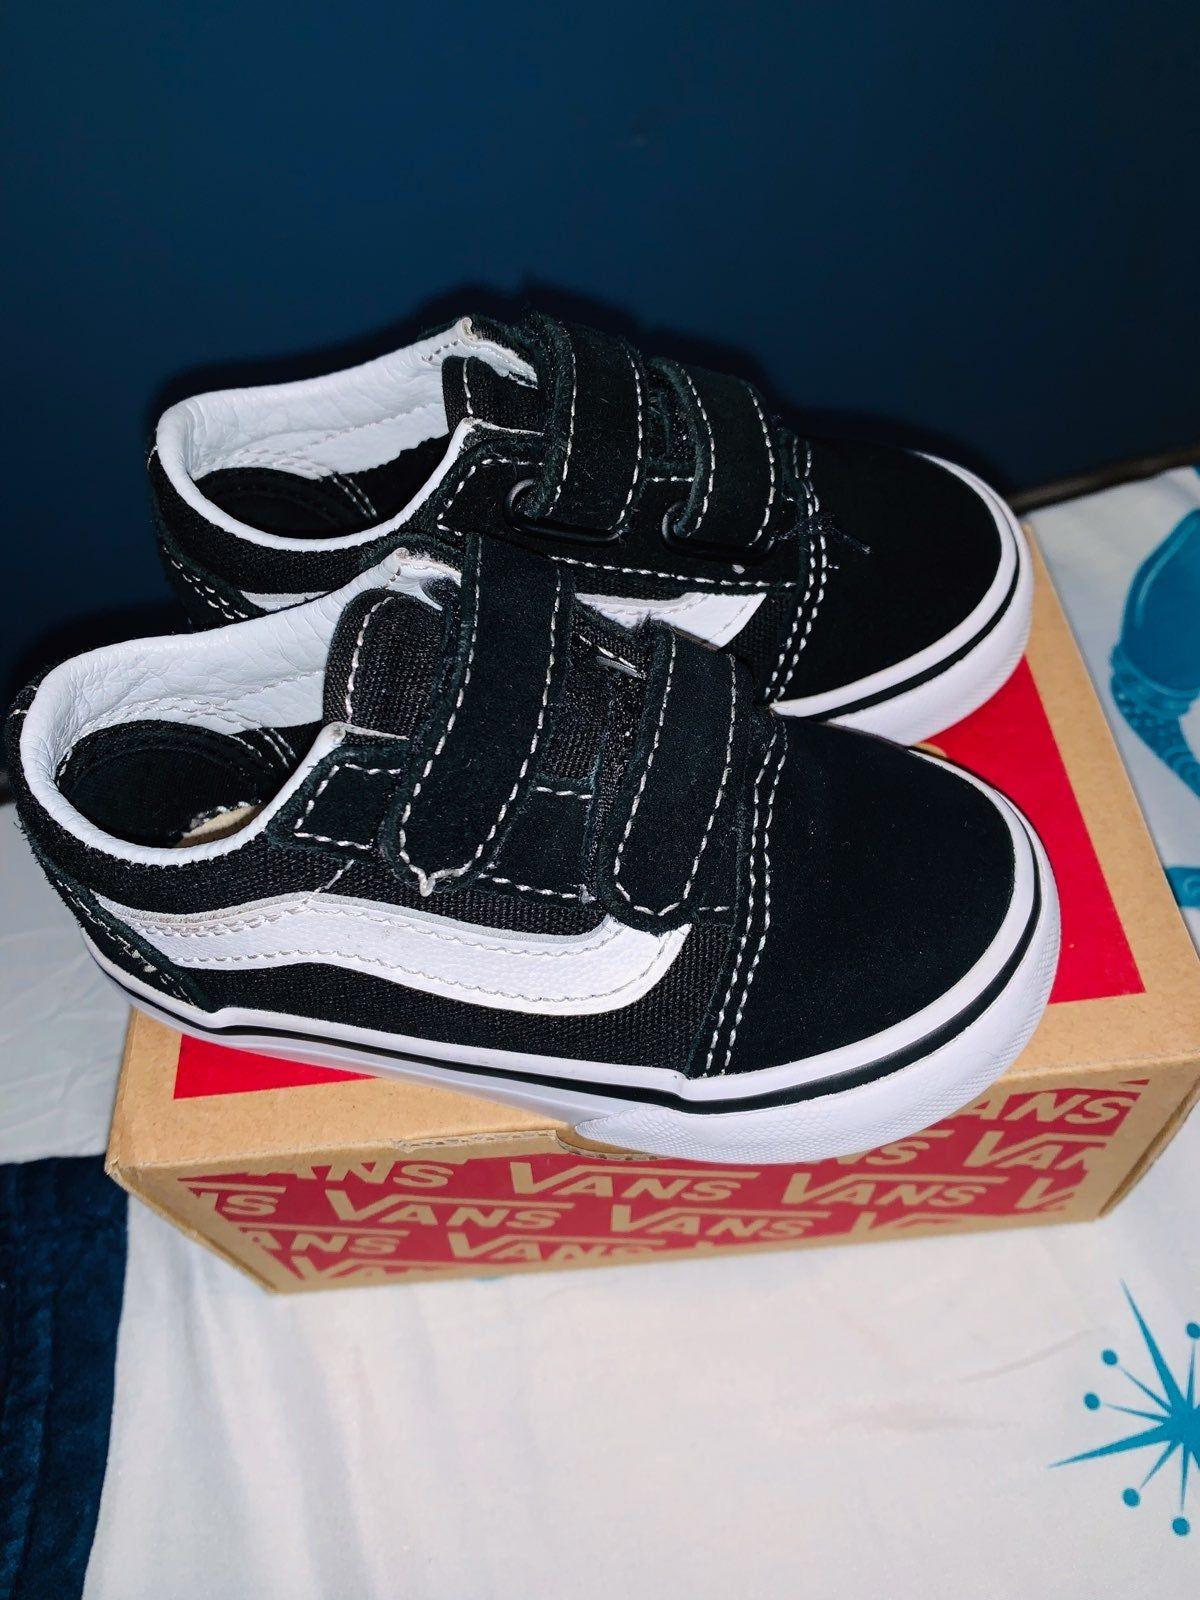 Vans toddler, Vans, Vans shoes